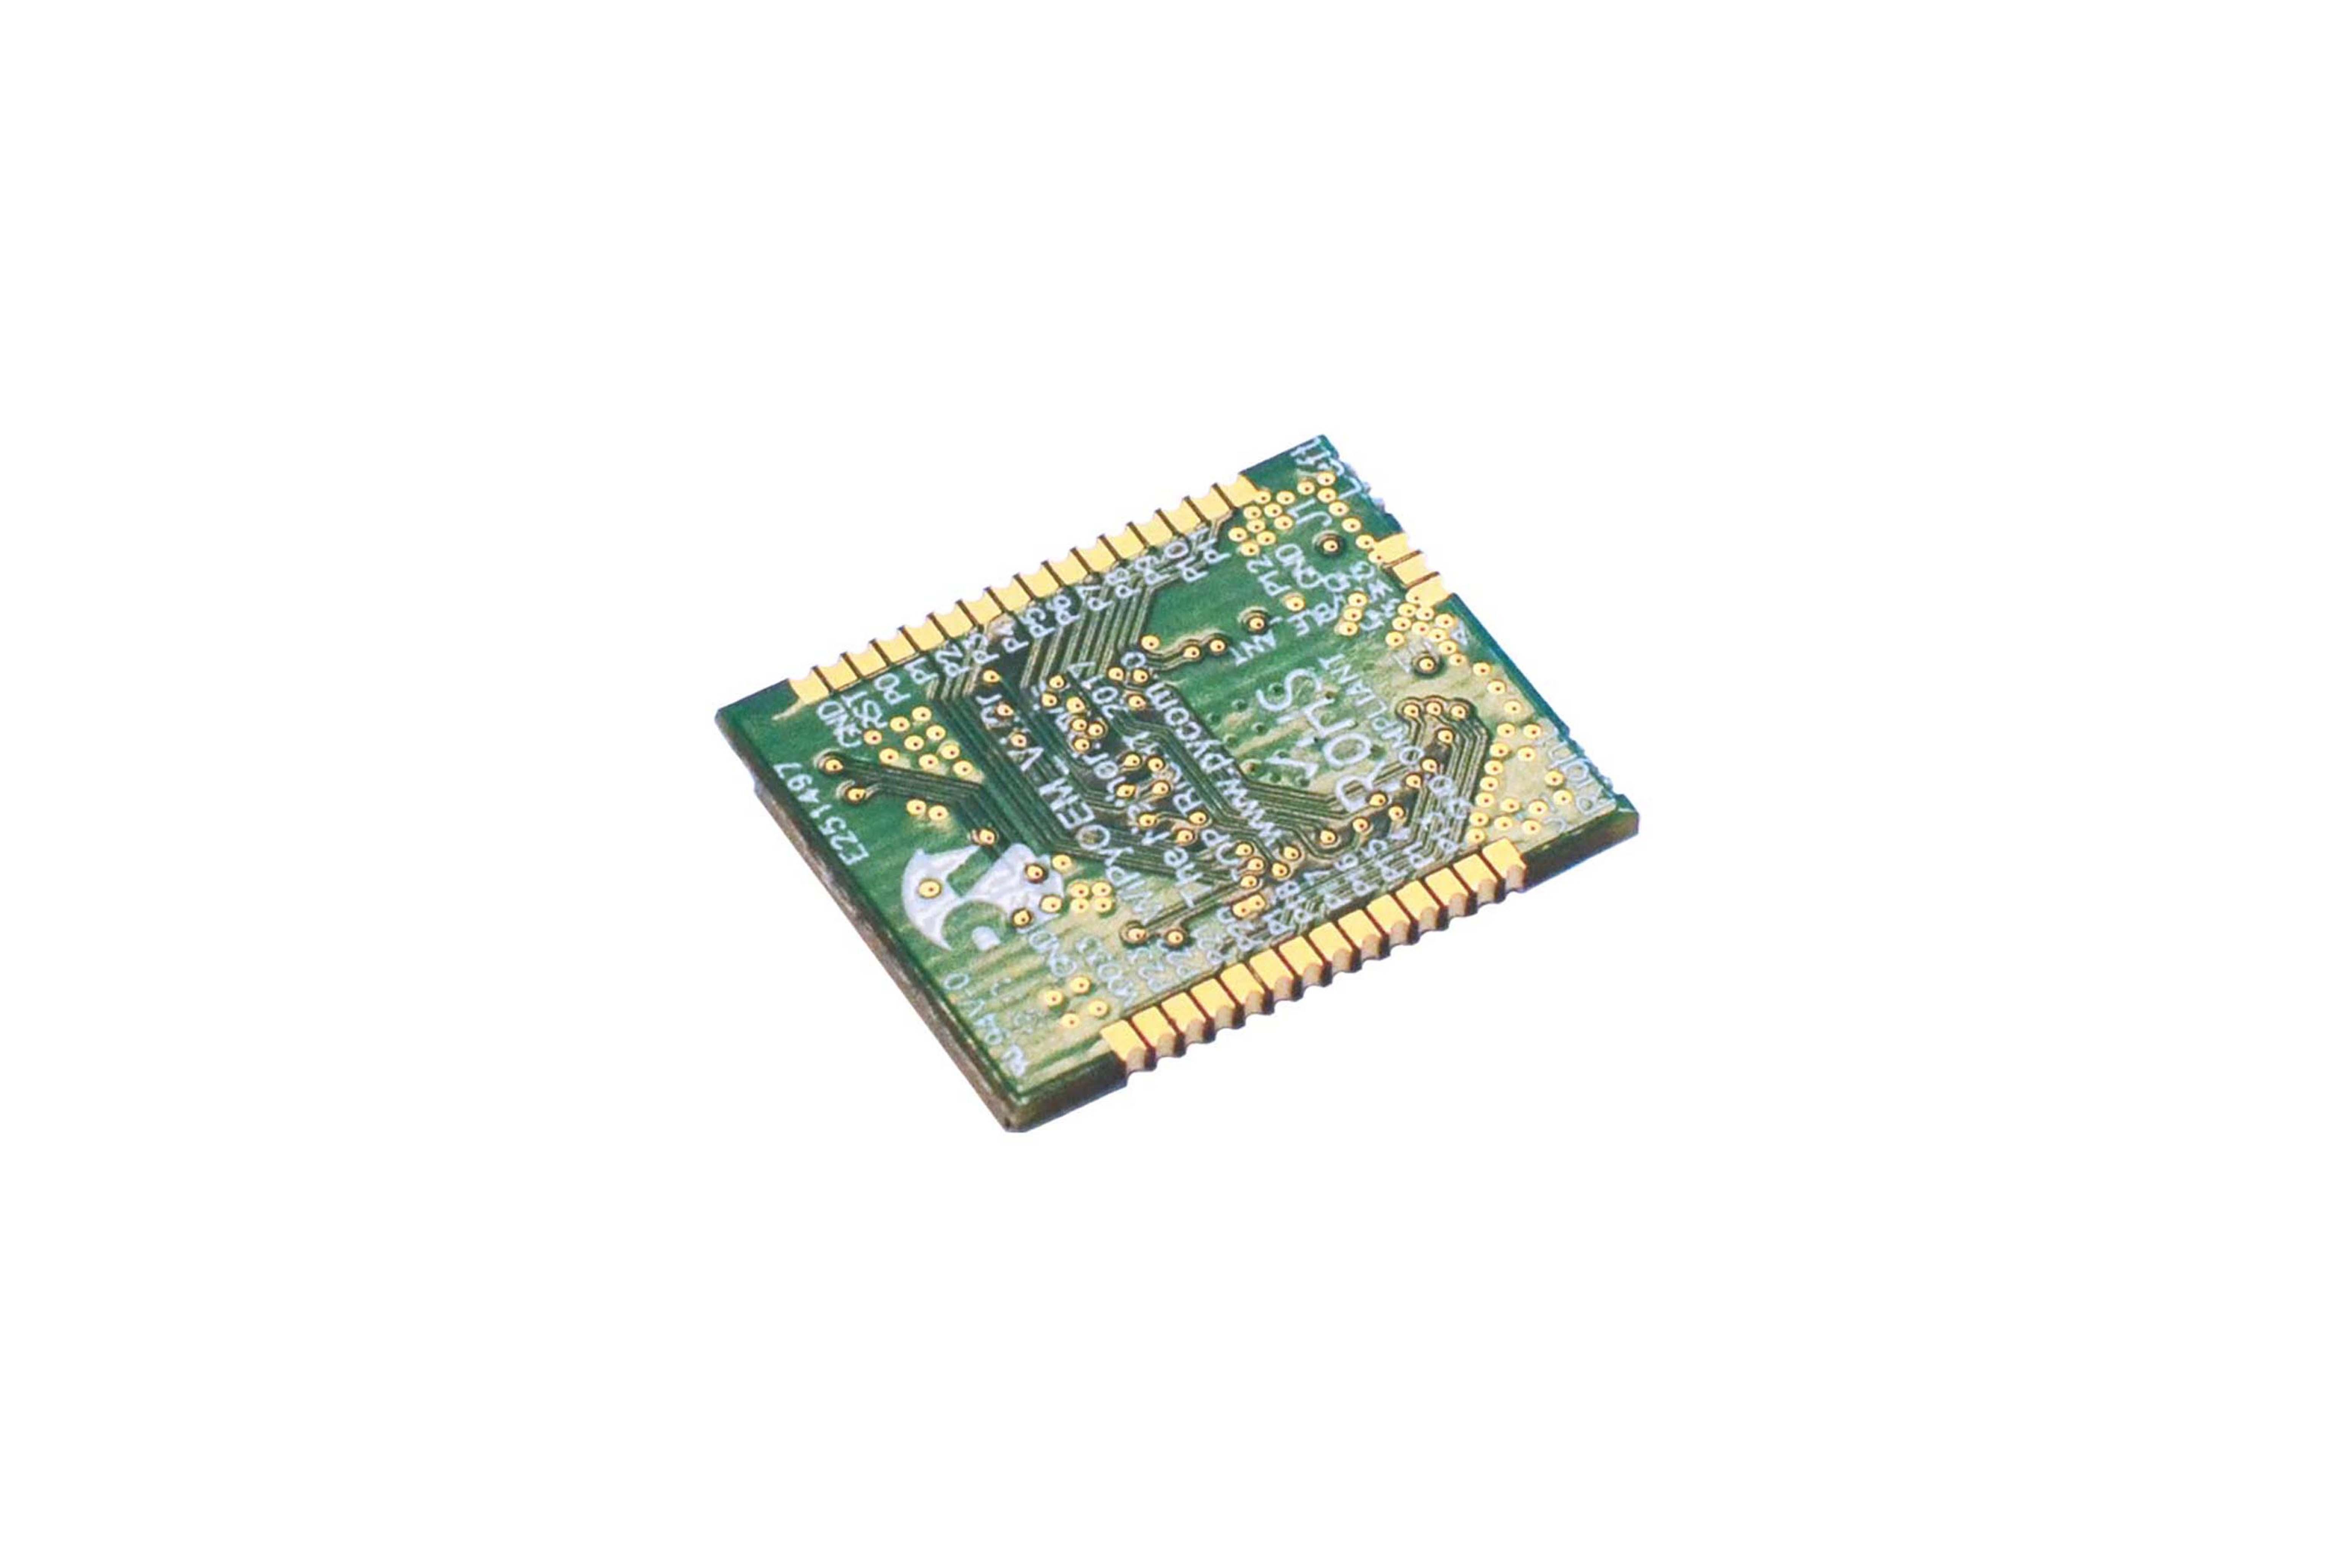 Modulo PyCom W01 WiPy SoC WiFi BLE